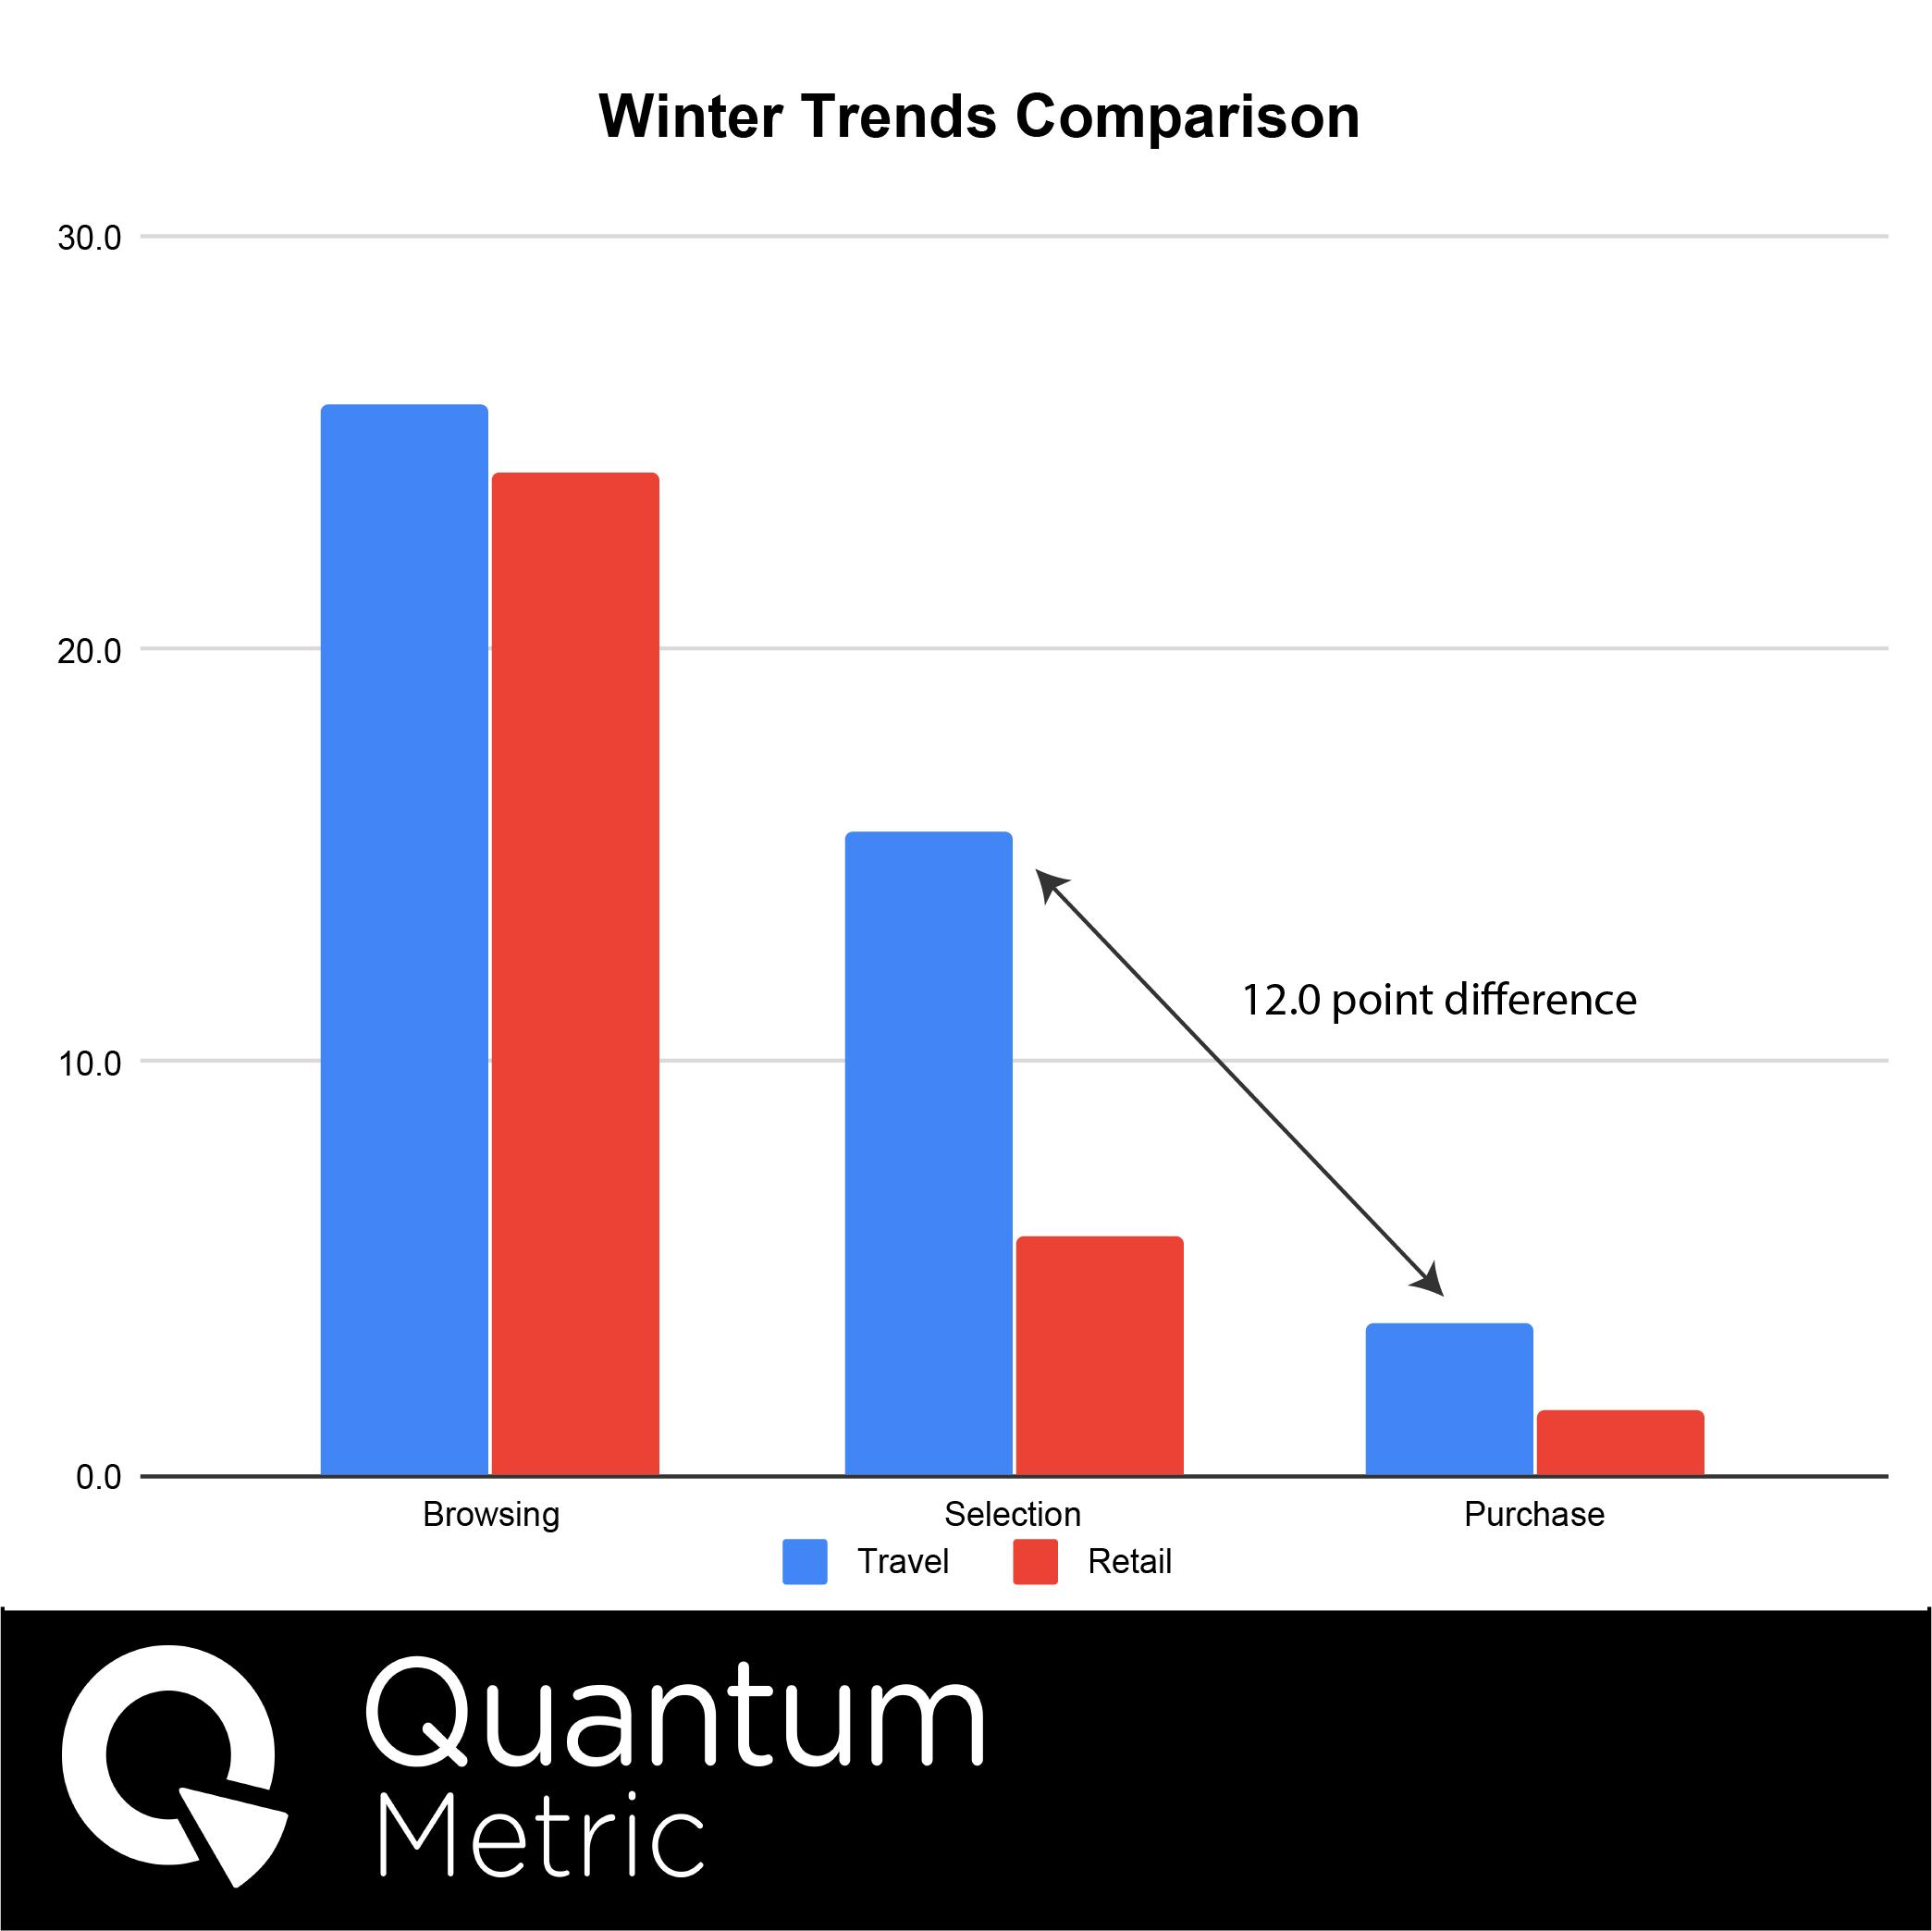 Winter Travel Comparison